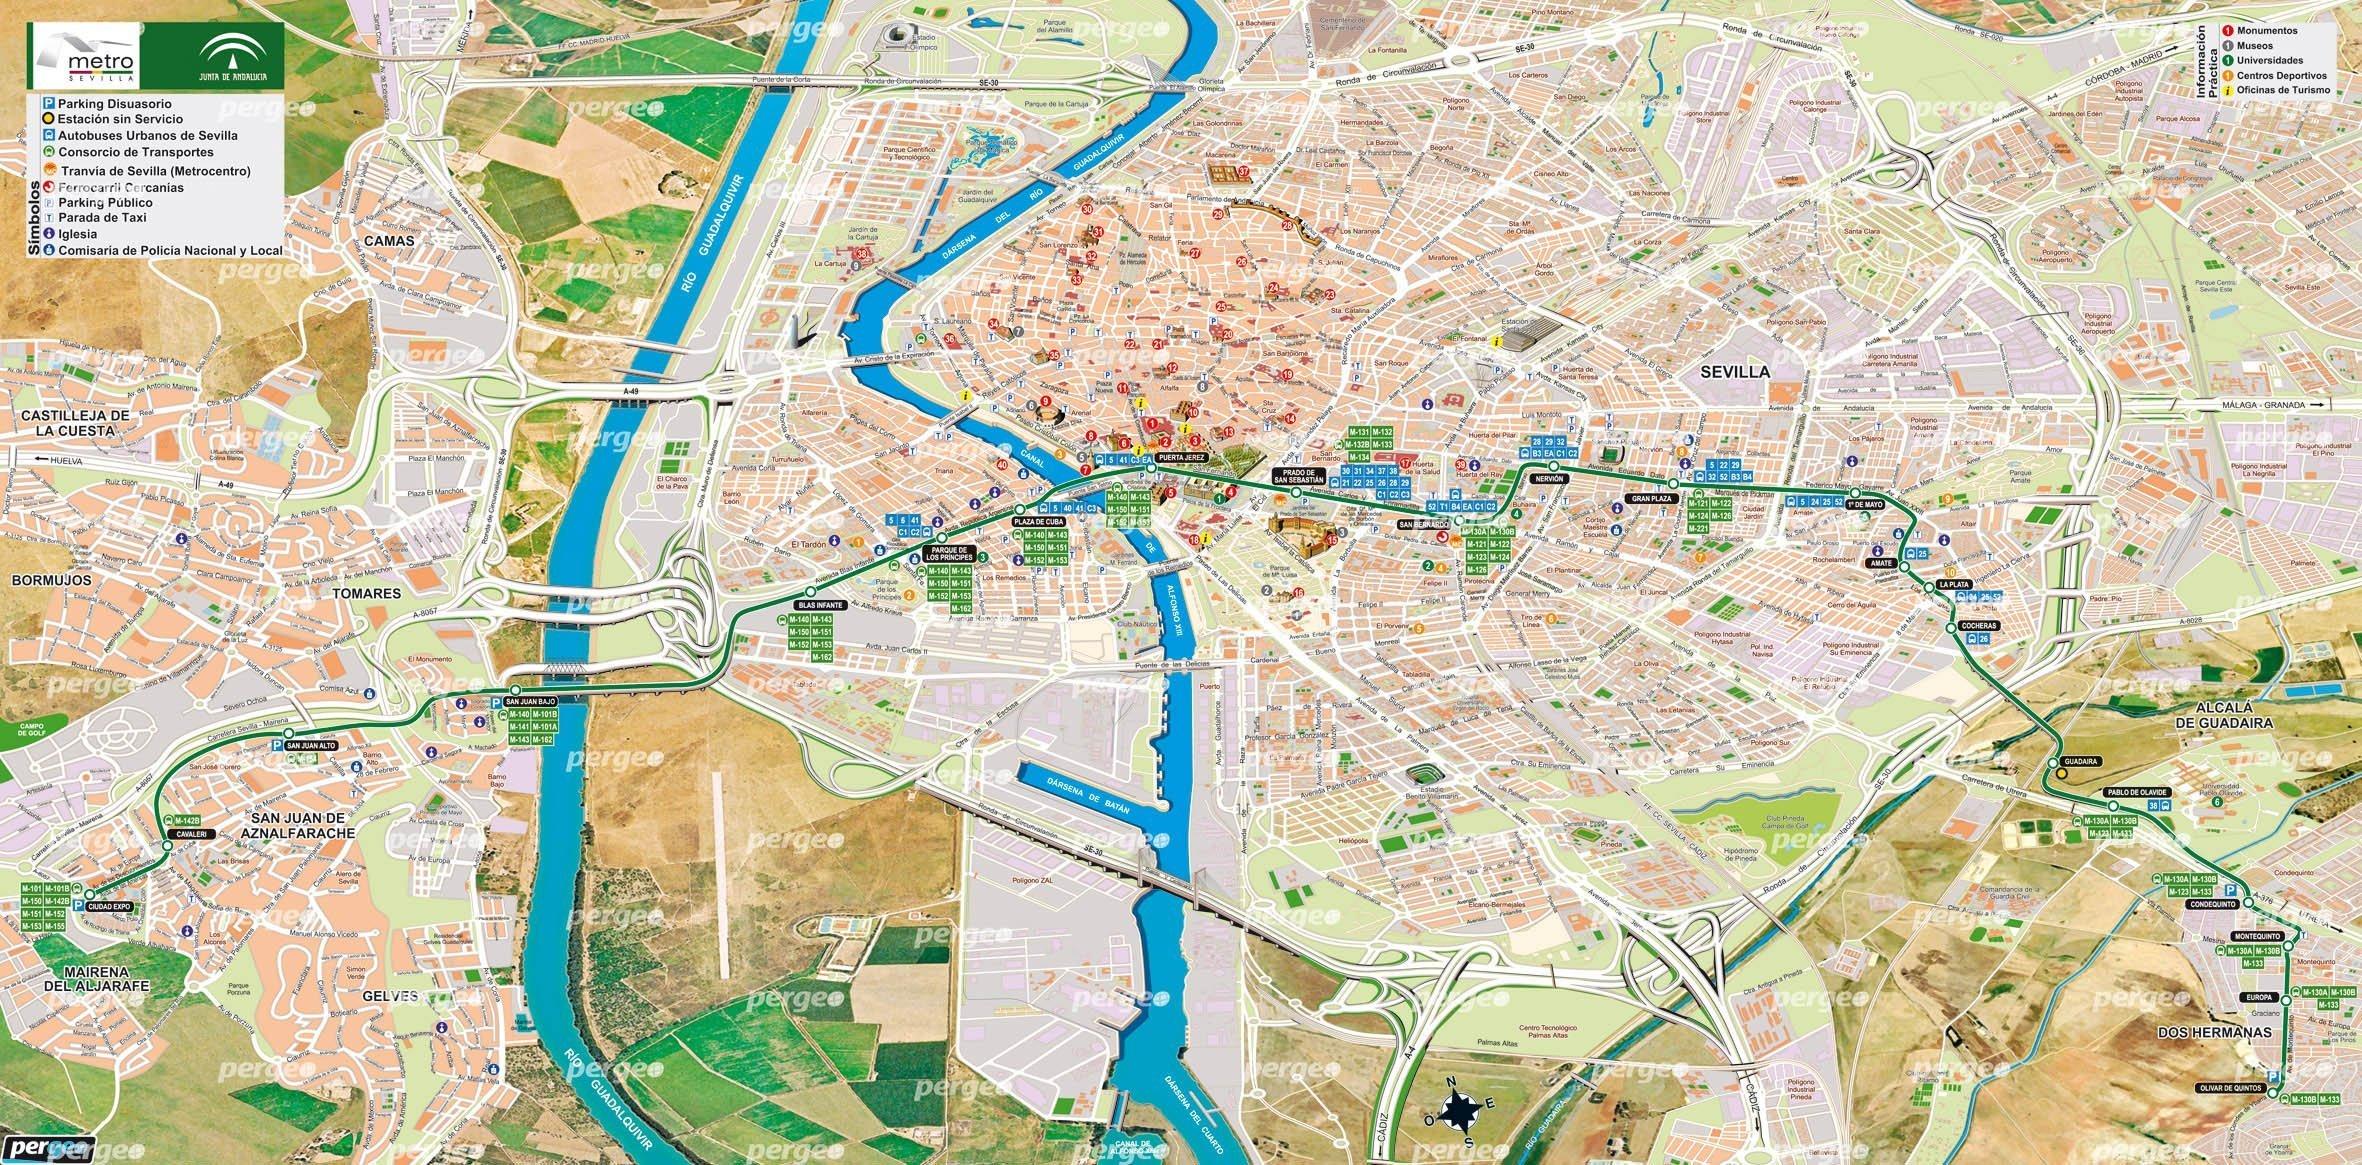 metro-sevilla-city-map - Seville Traveller